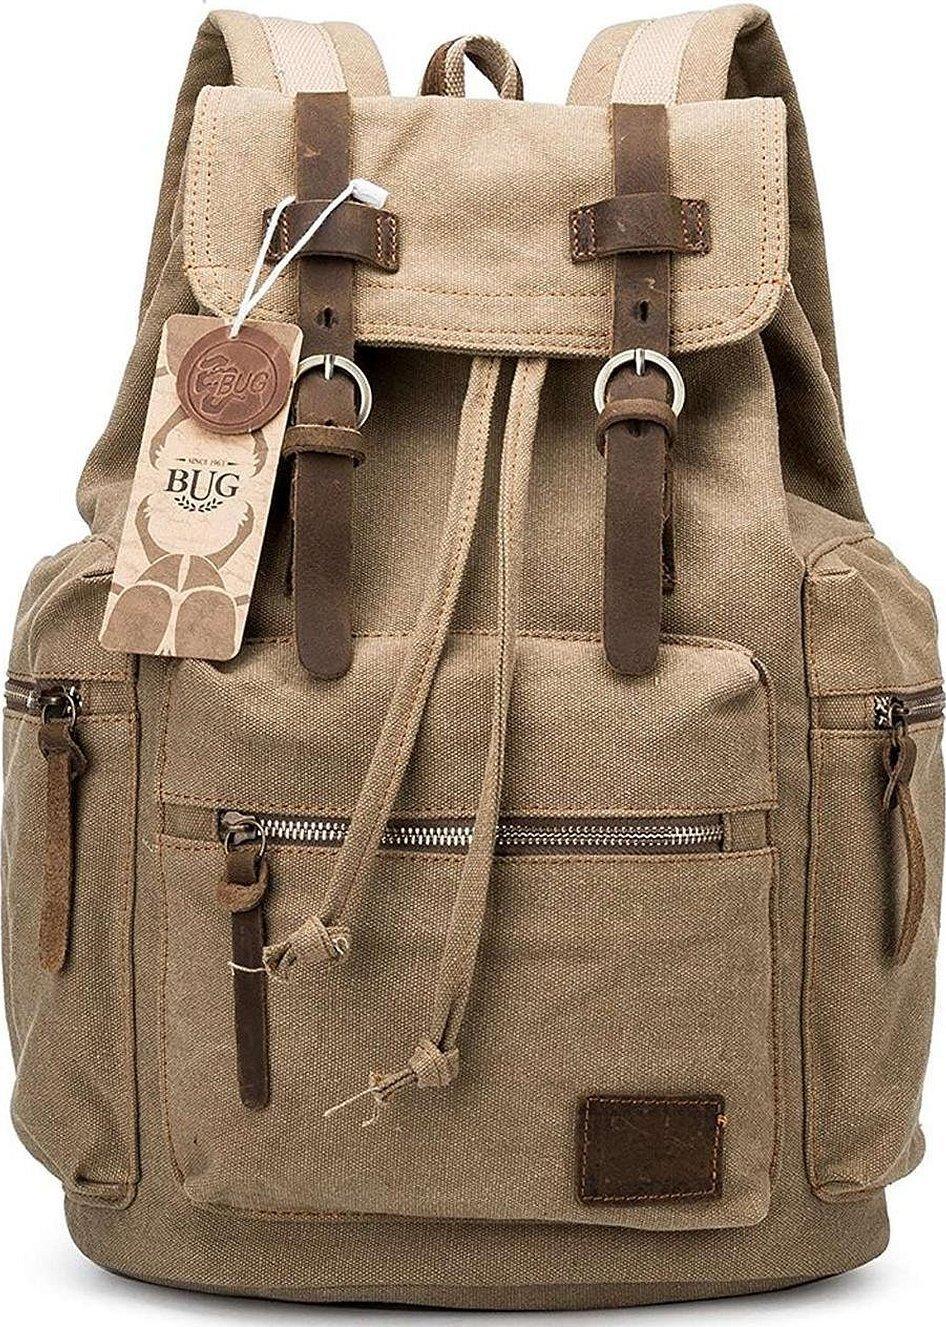 Augur новый модный мужской рюкзак винтажный холщовый рюкзак